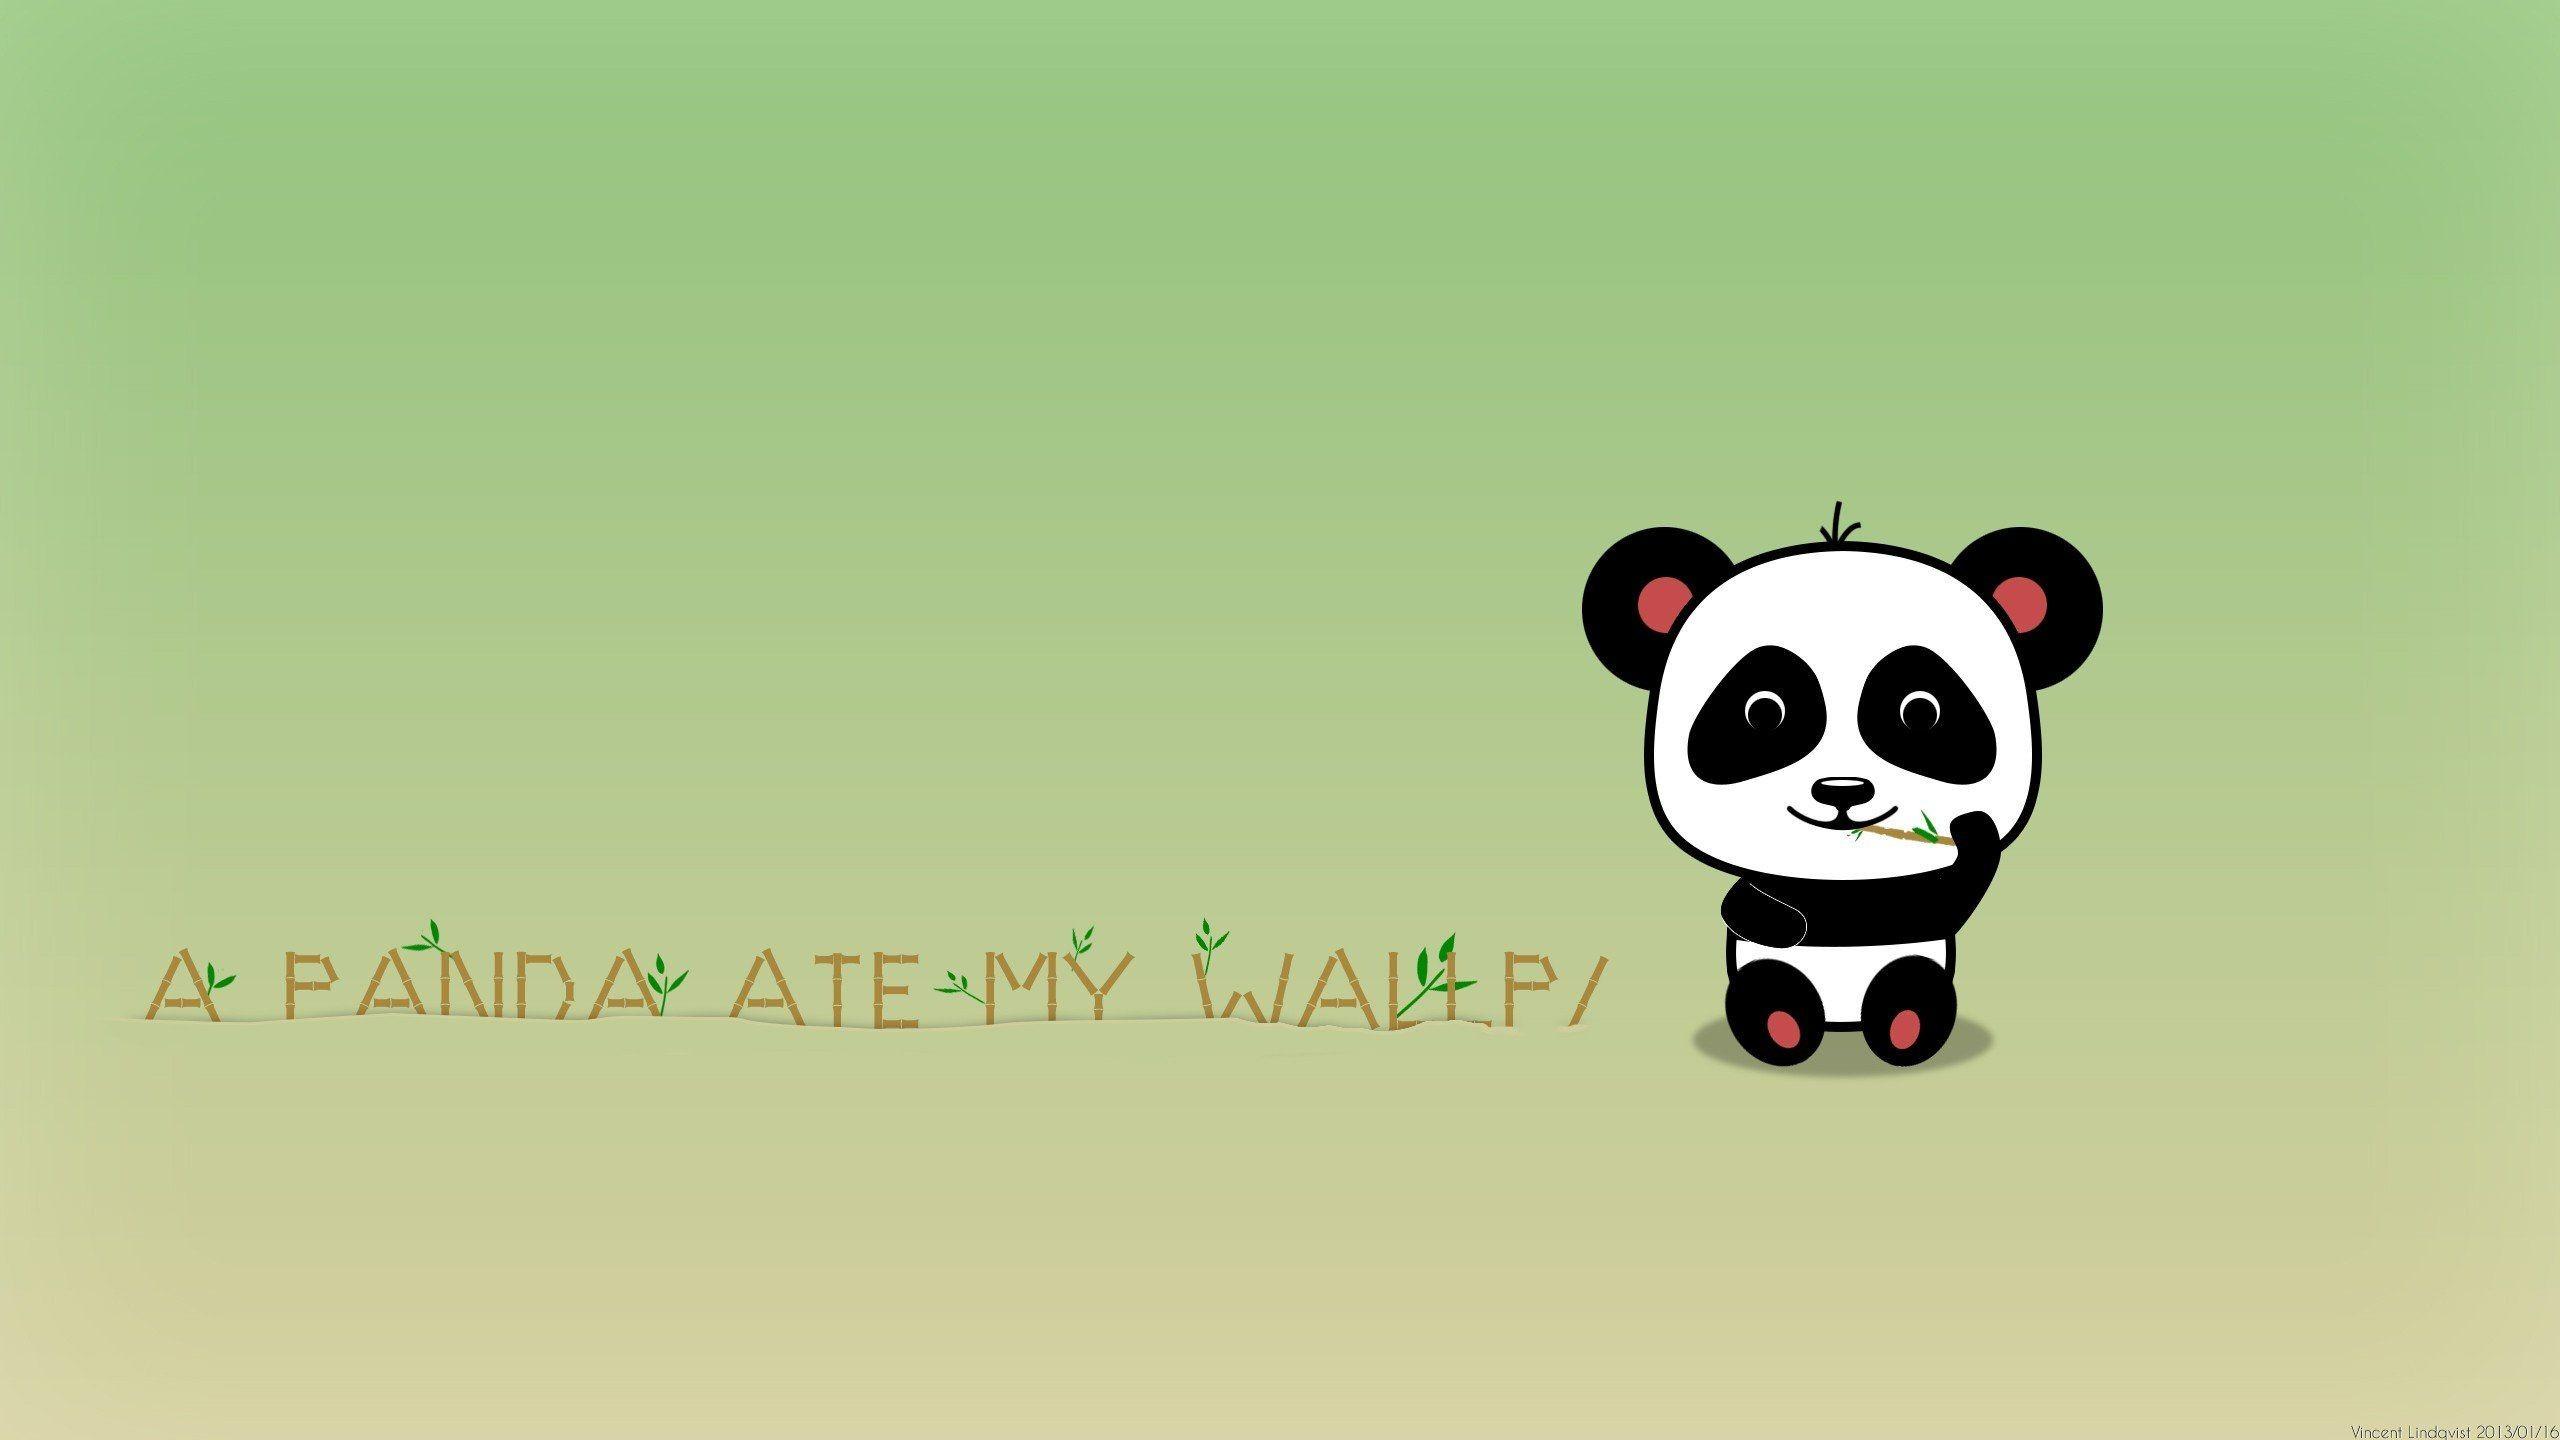 Cute Cartoon Panda Bears Wallpaper